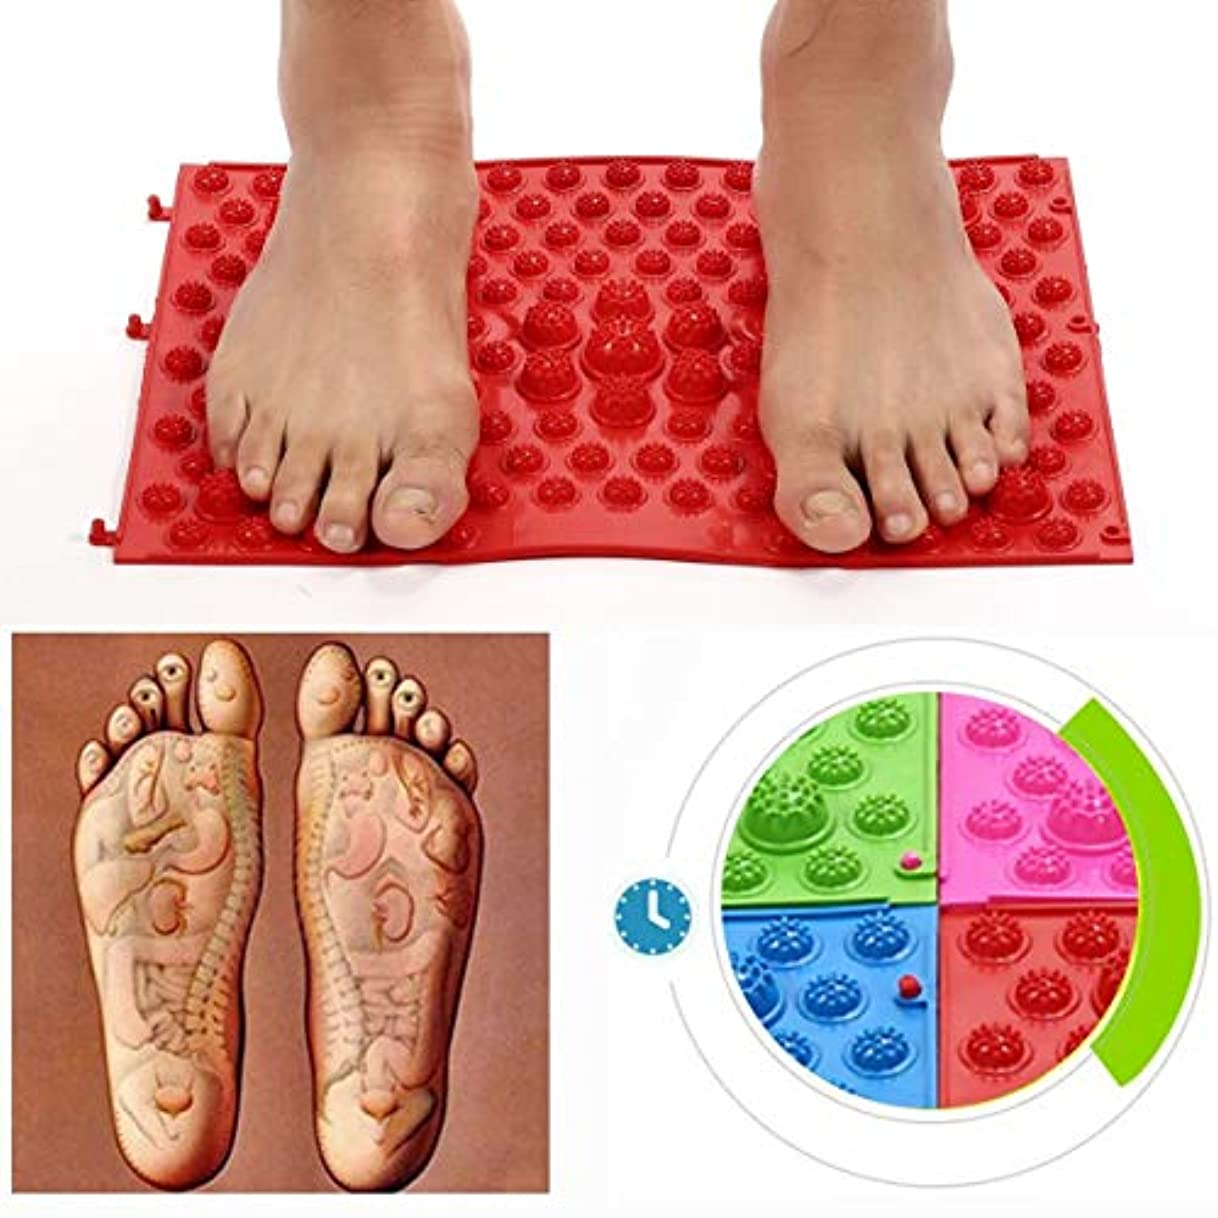 テメリティがっかりする剣Acupressure Foot Mats Running Man Game Same Type Foot Reflexology Walking Massage Mat for Pain Relief Stress Relief...